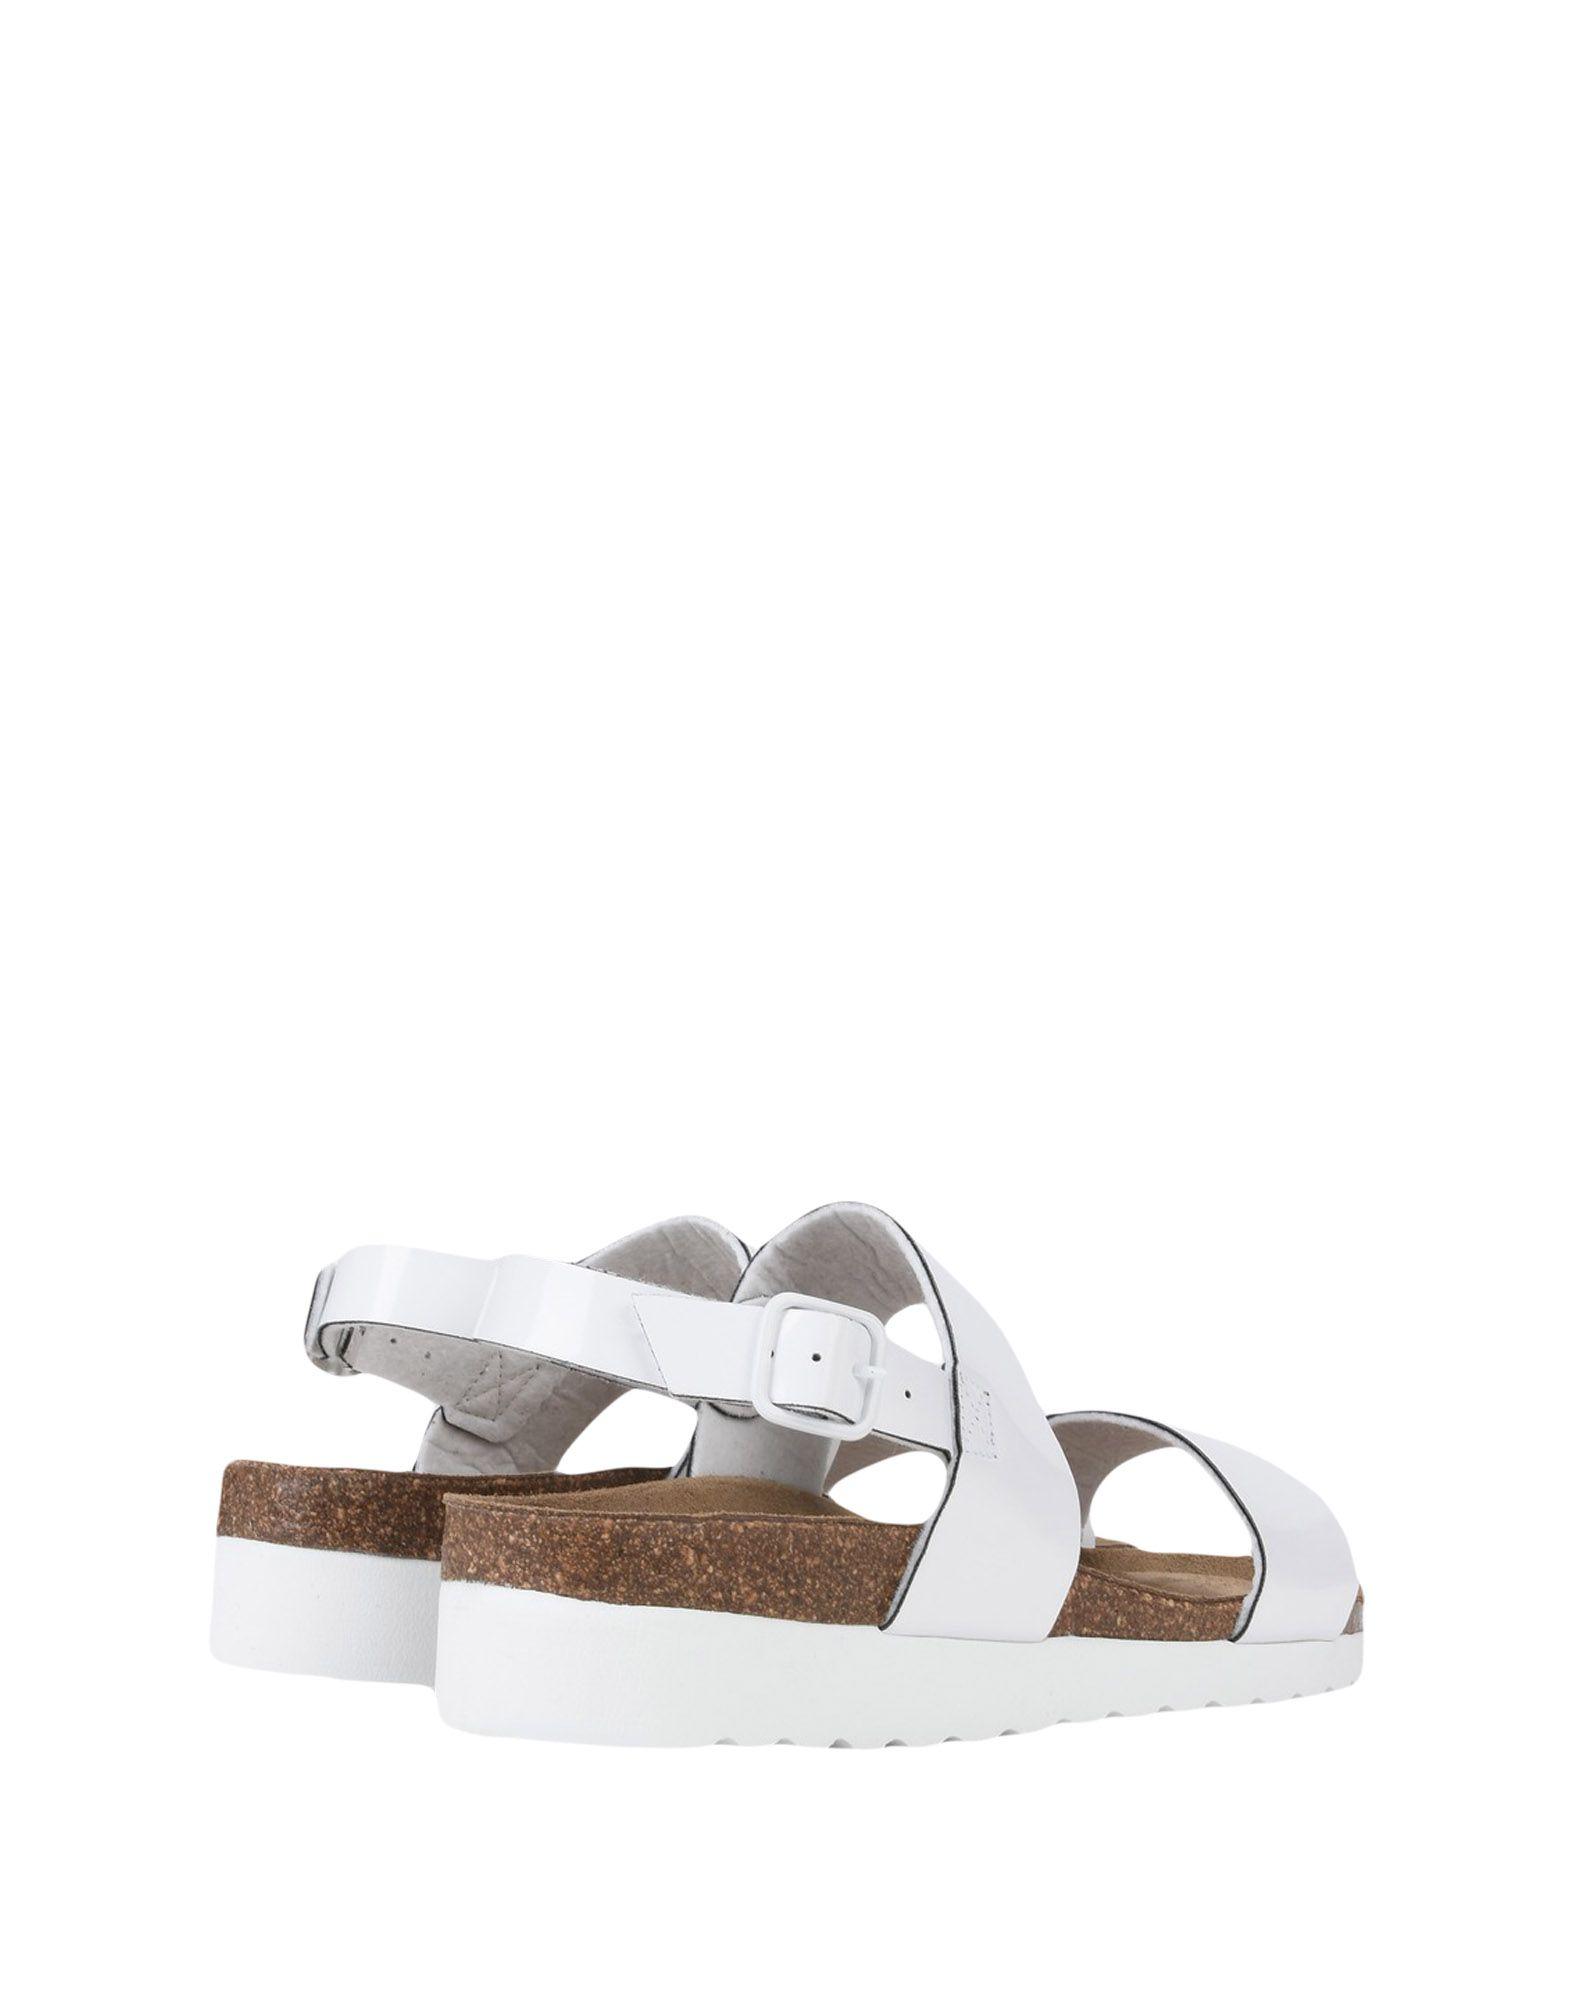 Maison Shoeshibar Aya    11476706NI Heiße Schuhe 65d9d1